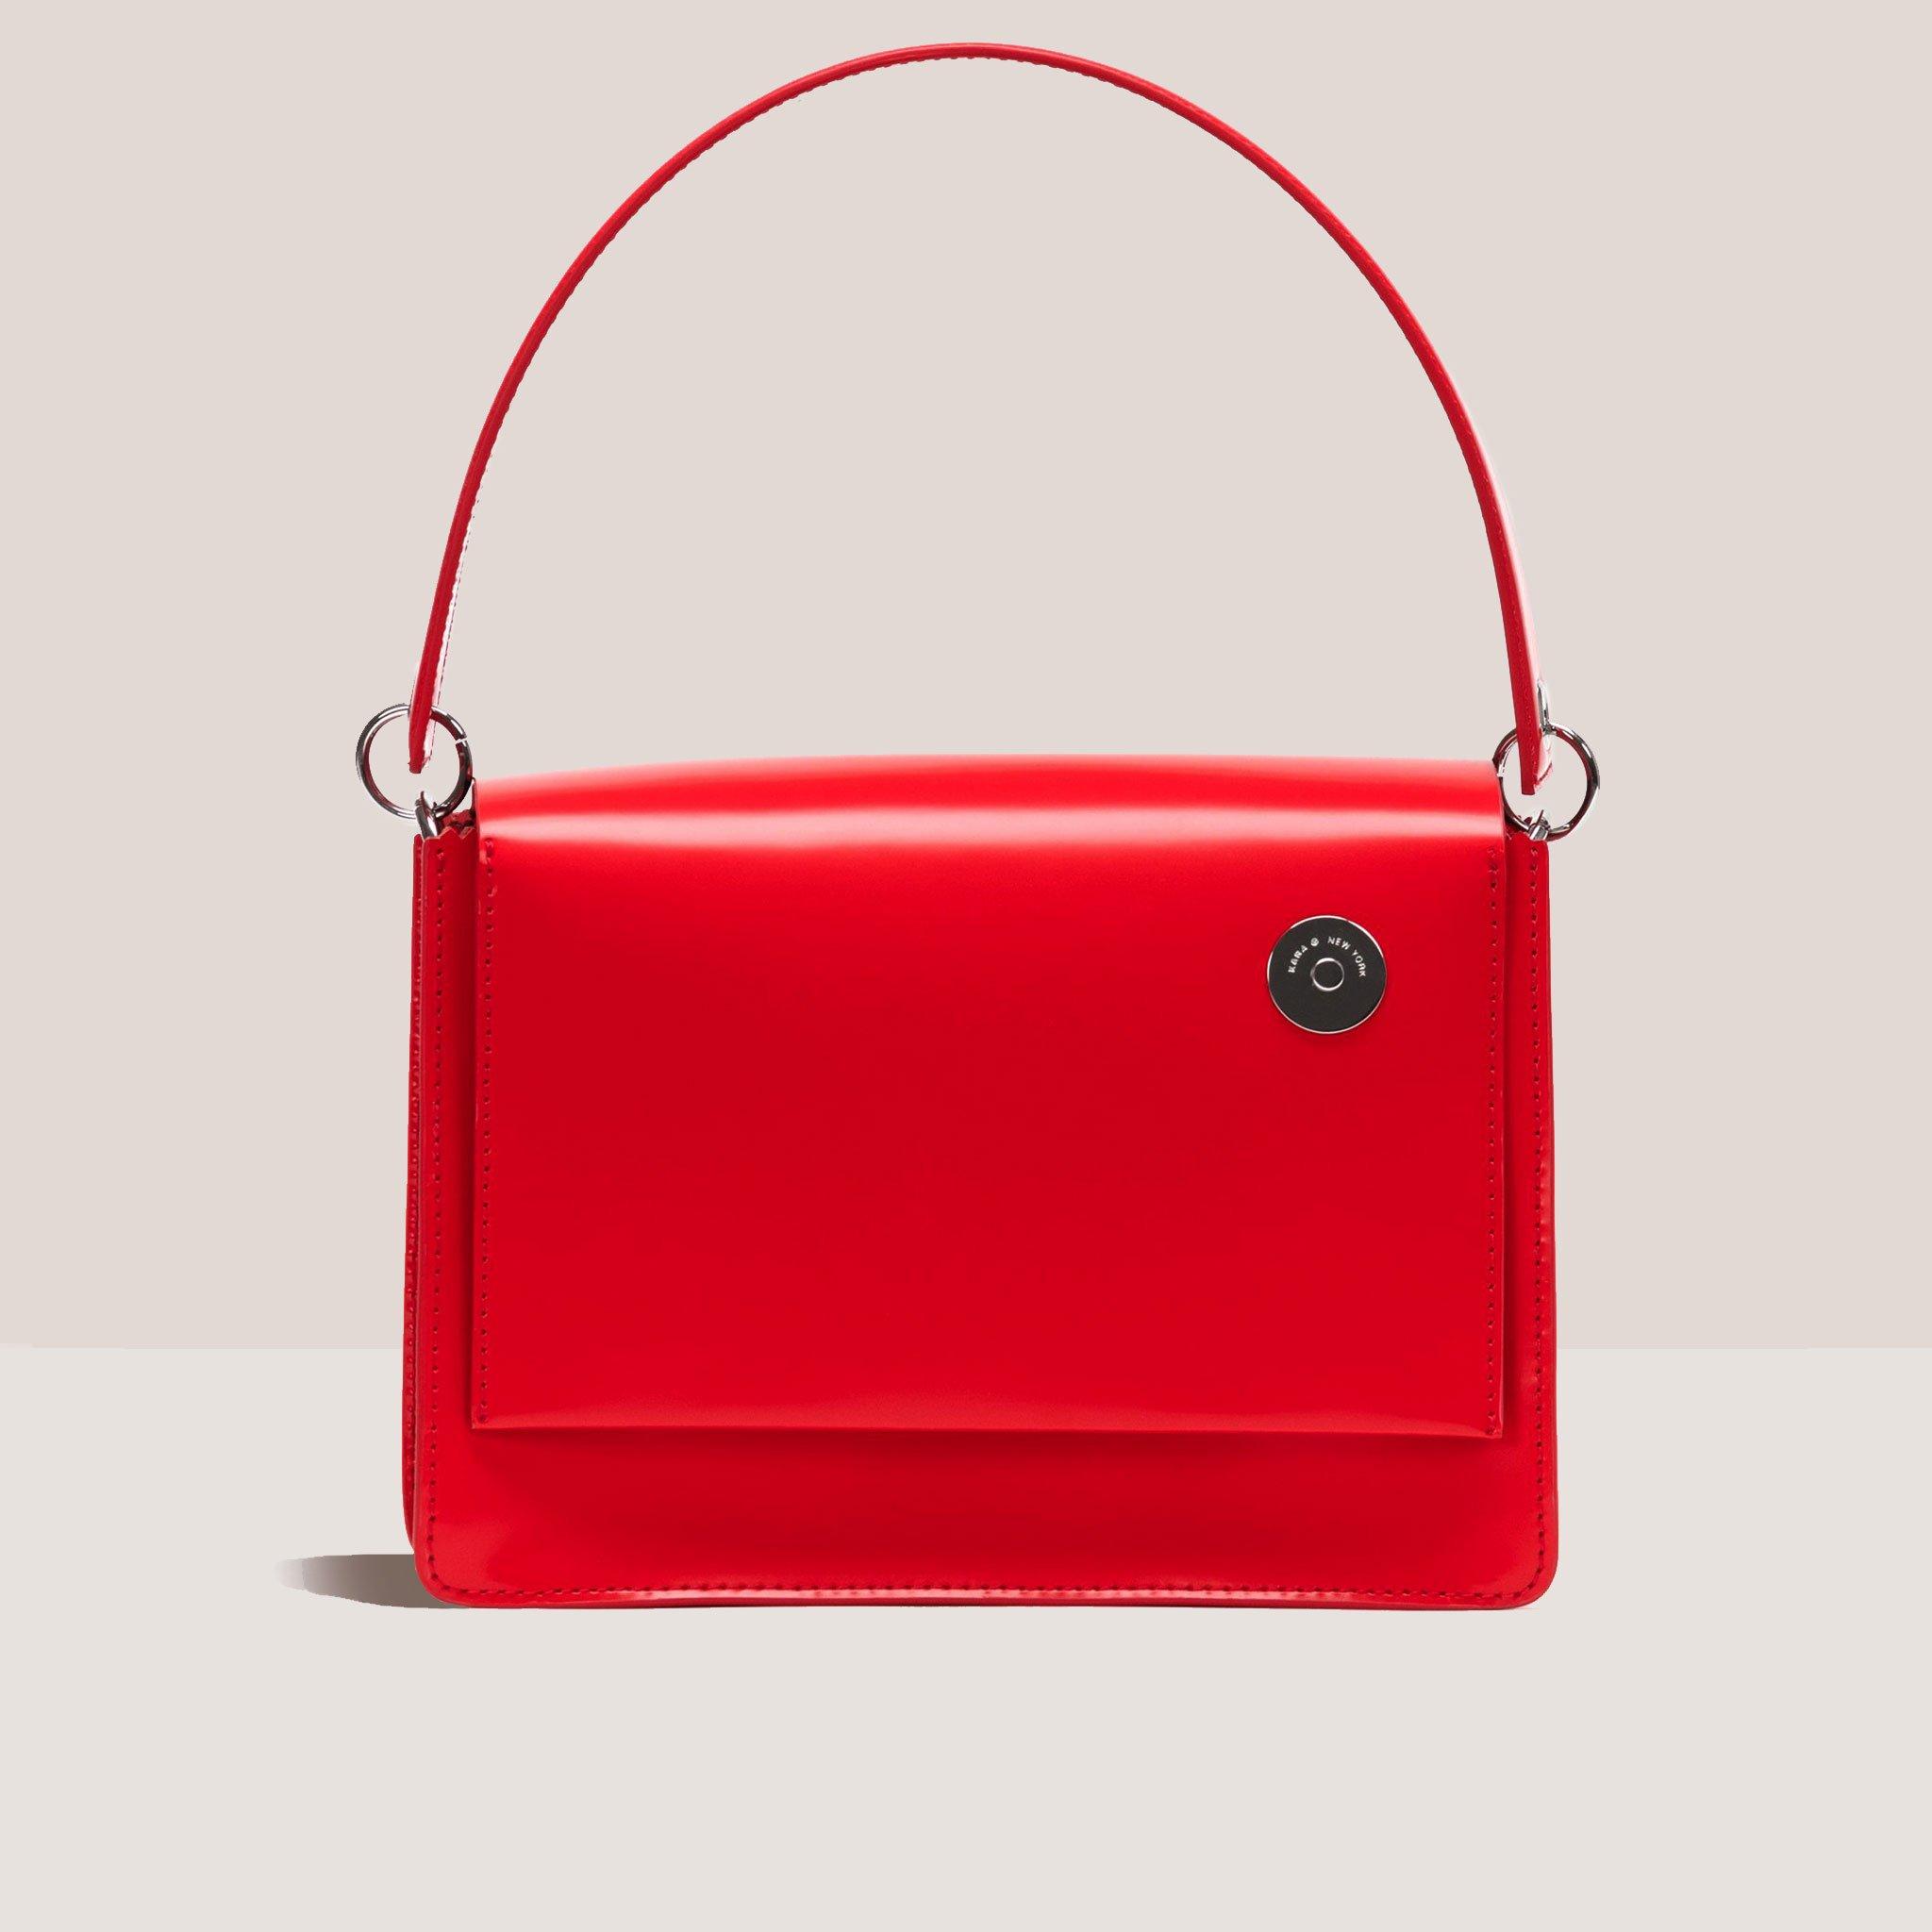 Pinch Shoulder Bag - Red